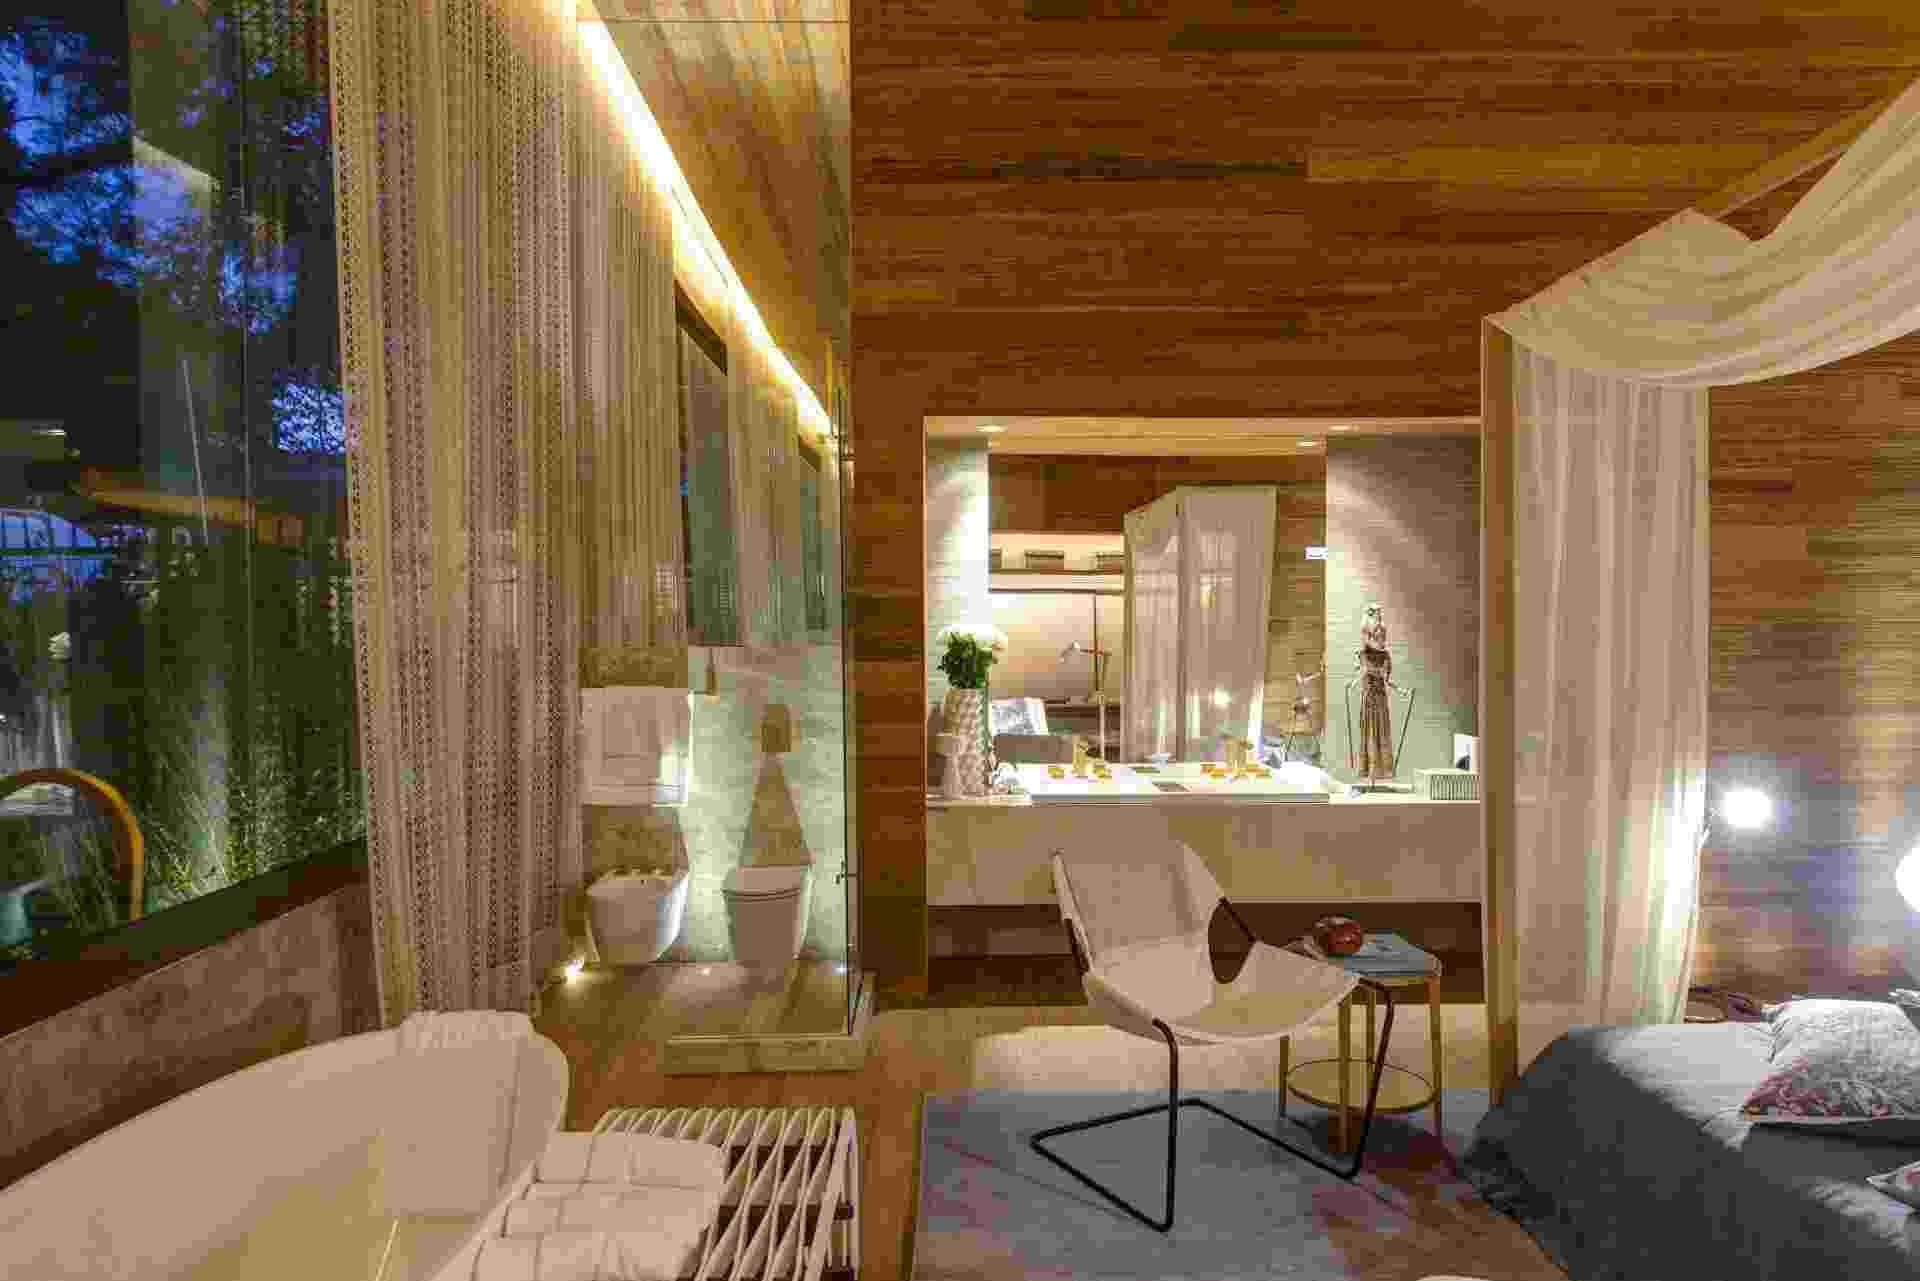 No banheiro do loft Casa³, projetado por Denise Barretto, o branco das louças e da bancada combina com o revestimento de bambu do piso e paredes. O tecido leve do dossel também se alinha à cortina de crochê da área íntima. A 28ª edição da Casa Cor SP apresenta 79 ambientes até dia 20 de julho de 2014, no Jockey Club de São Paulo, na Av. Lineu de Paula Machado, 1173. Outras informações: www.casacor.com.br - Katia Kuwabara/UOL